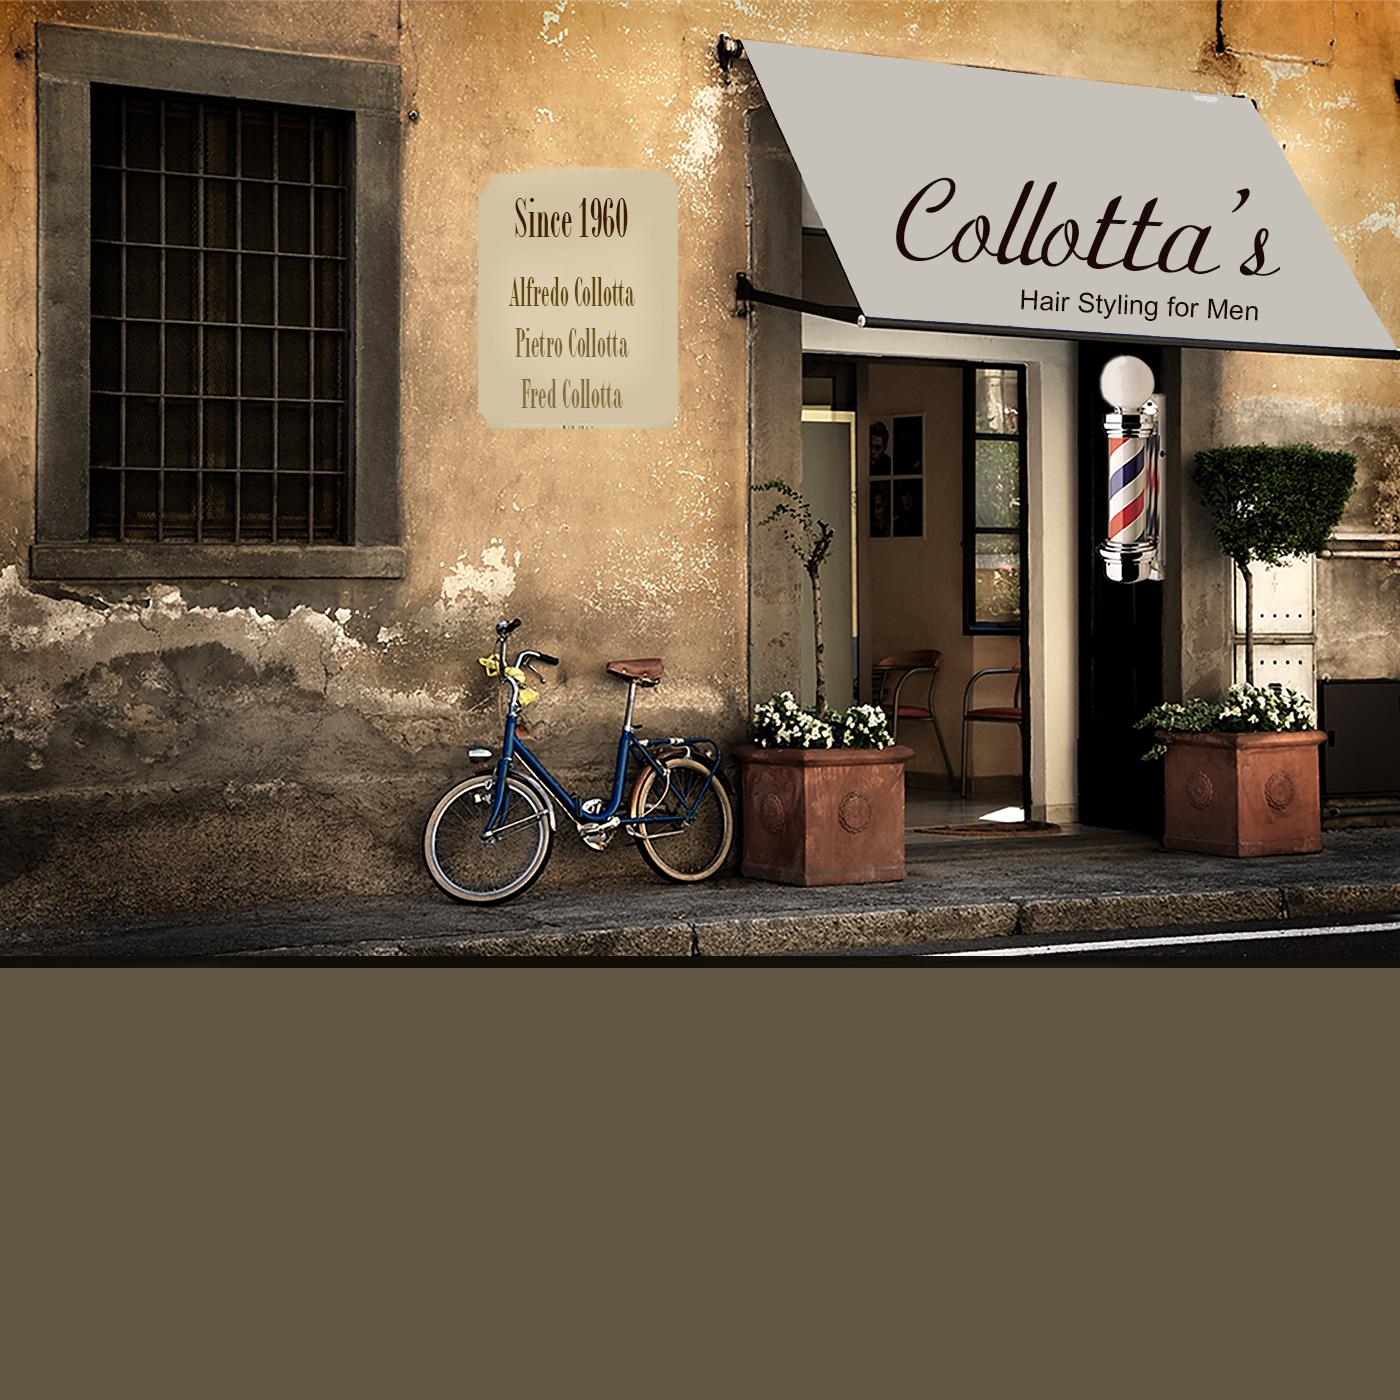 Collottas Barber Shop